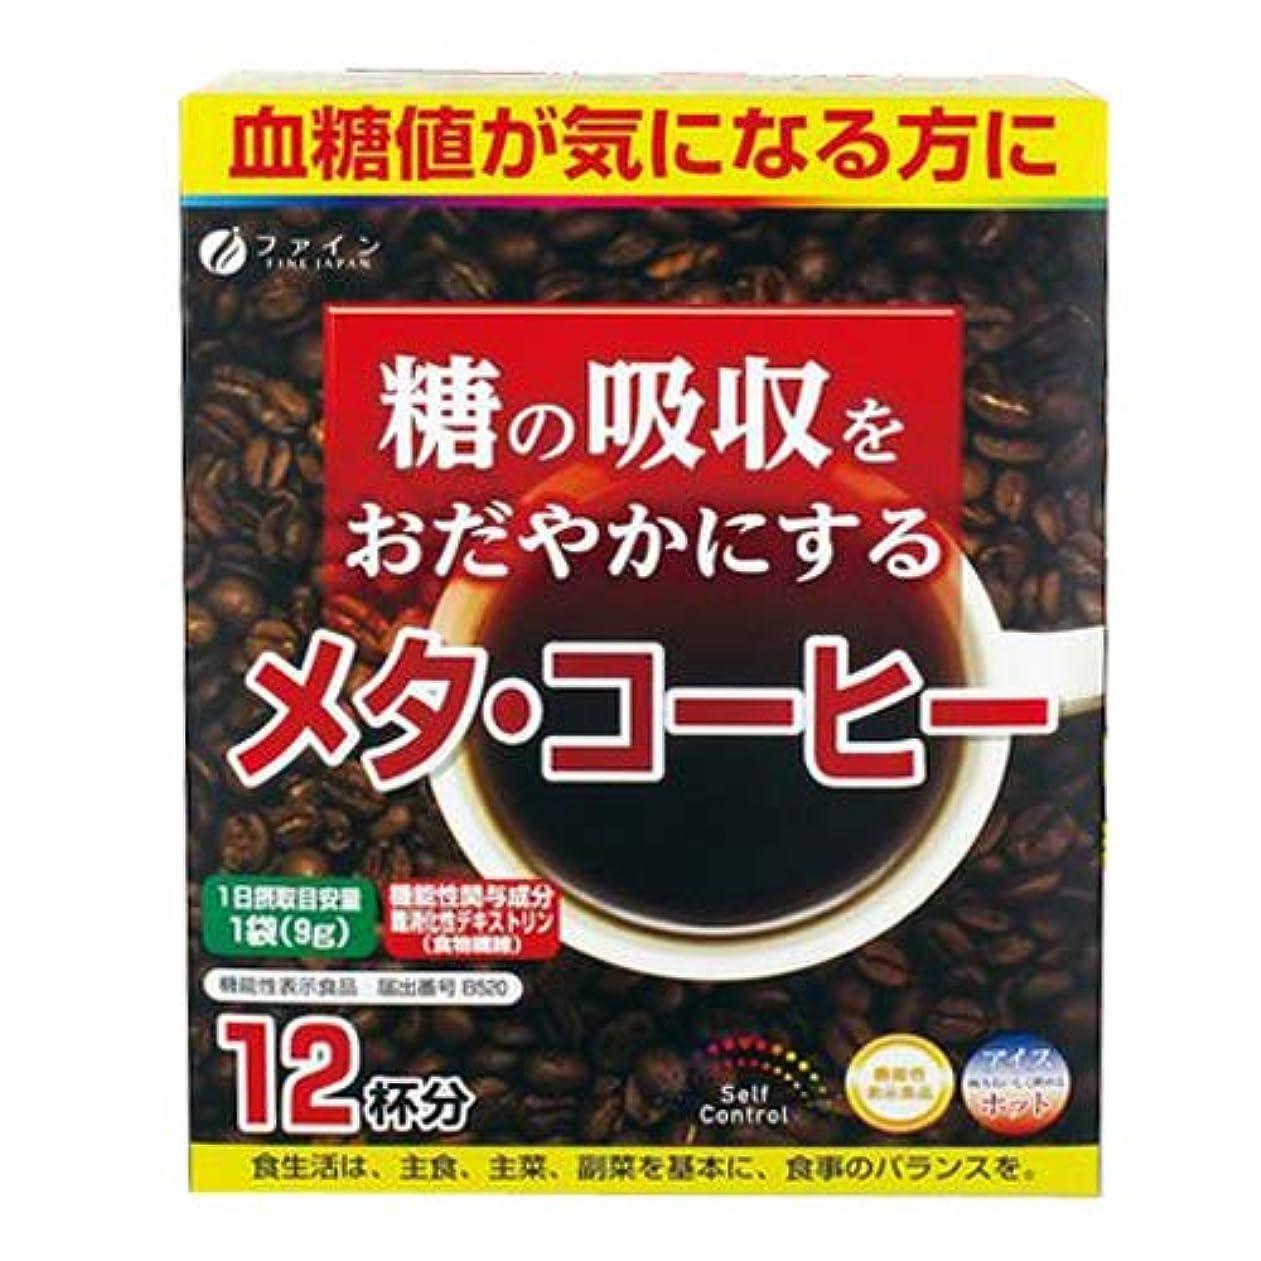 ガラガラシェード記念日機能性表示食品 糖の吸収をおだやかにする メタ?コーヒー 【30箱組】